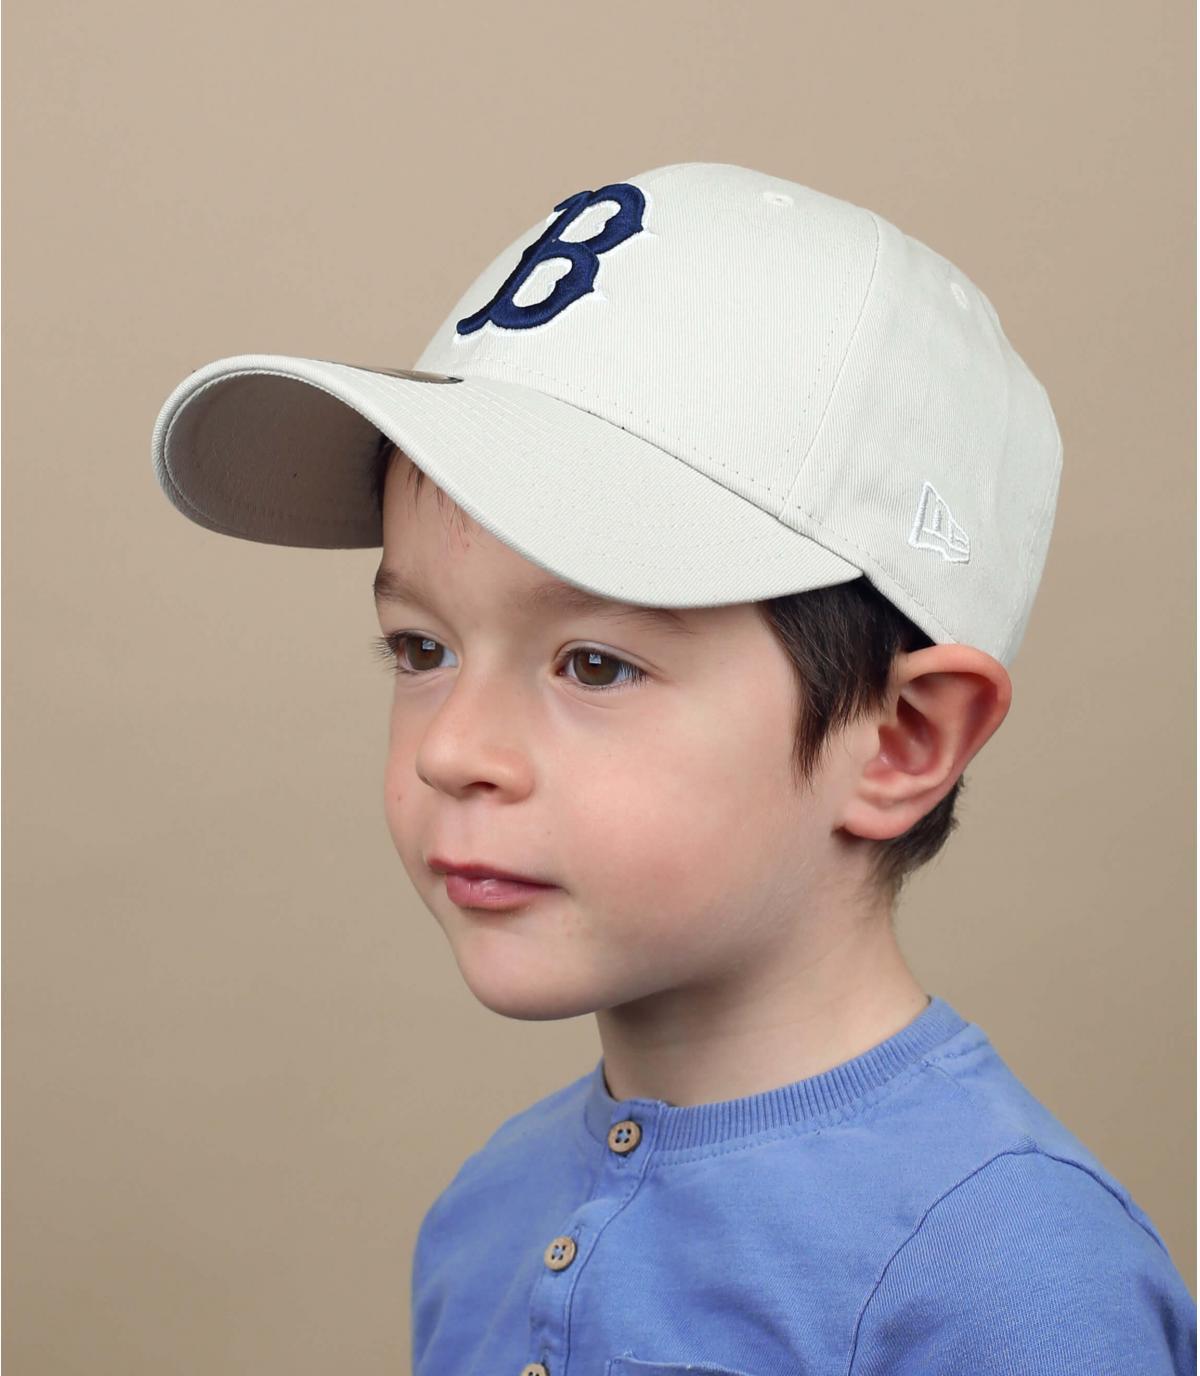 berretto B per bambini beige